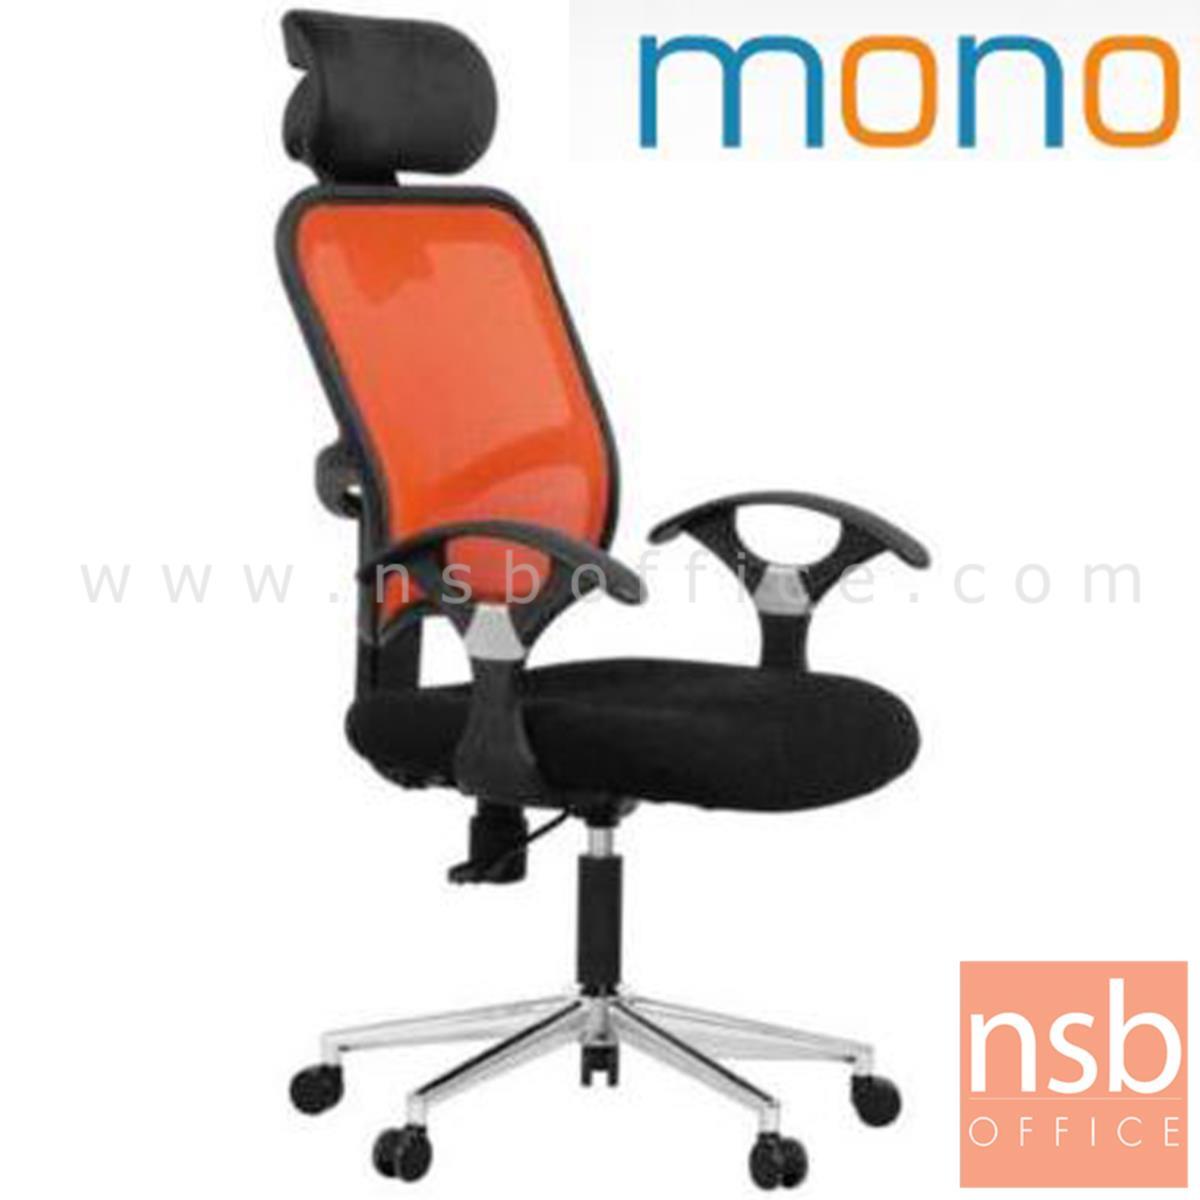 เก้าอี้ผู้บริหารหลังเน็ต รุ่น JOTUN_JO 02/H โช๊คแก๊ส มีก้อนโยก ขาพลาสติก